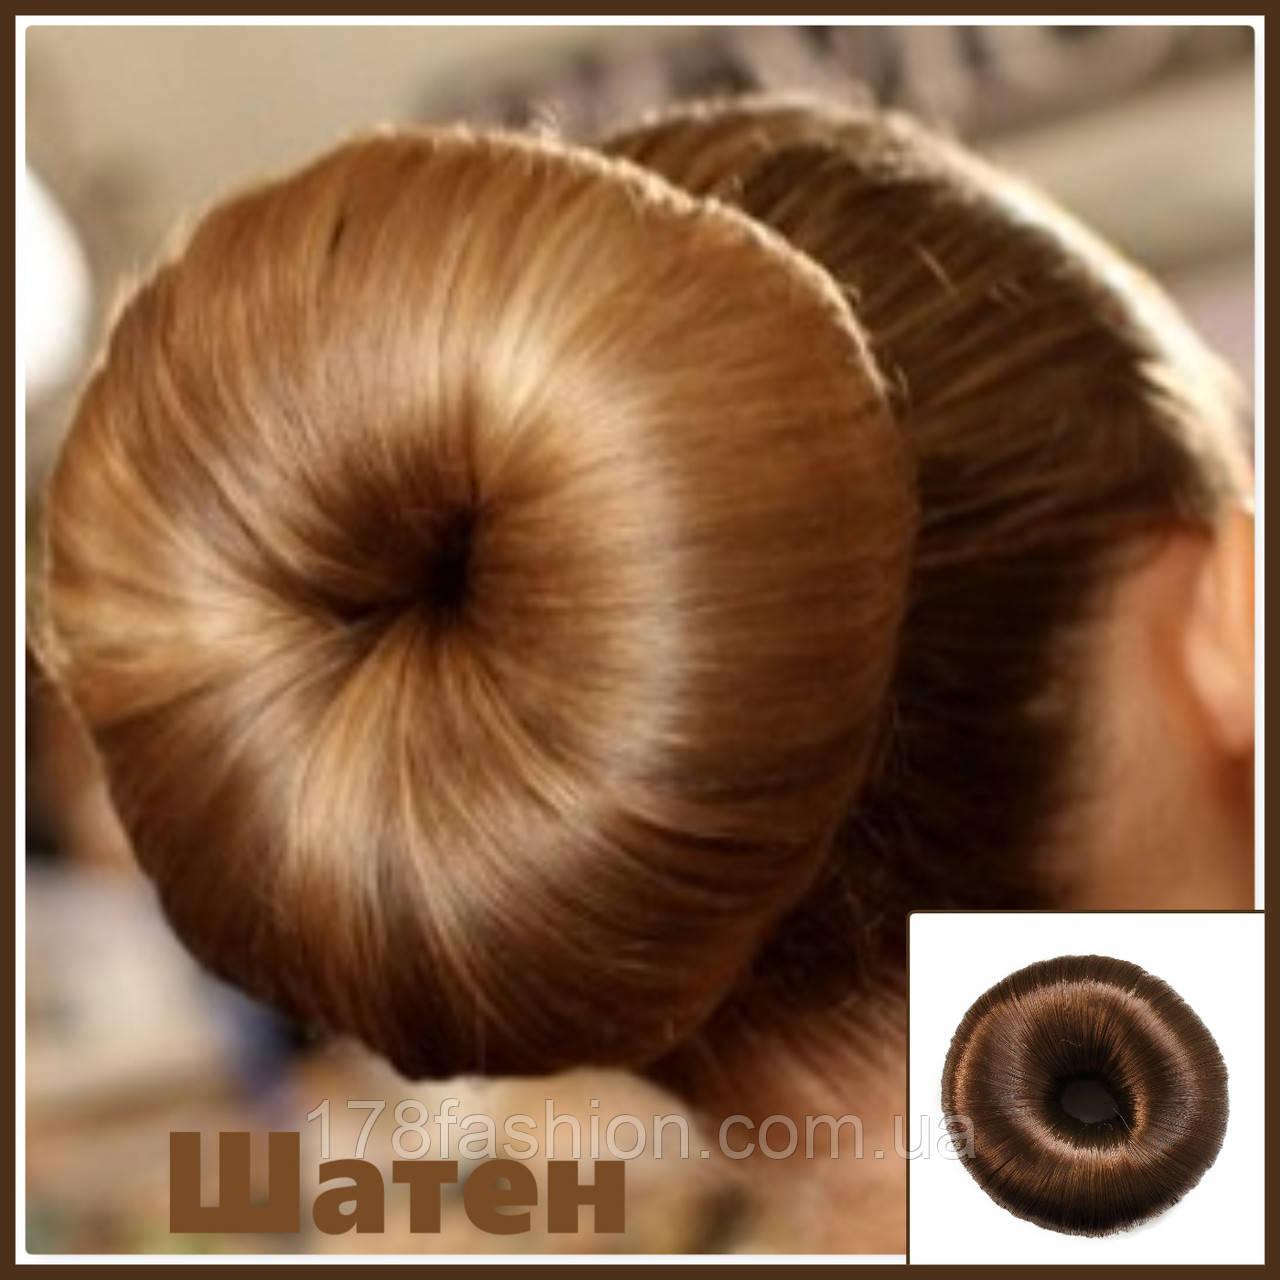 Профессиональная заколка для волос-Валик Бублик из волос шатен